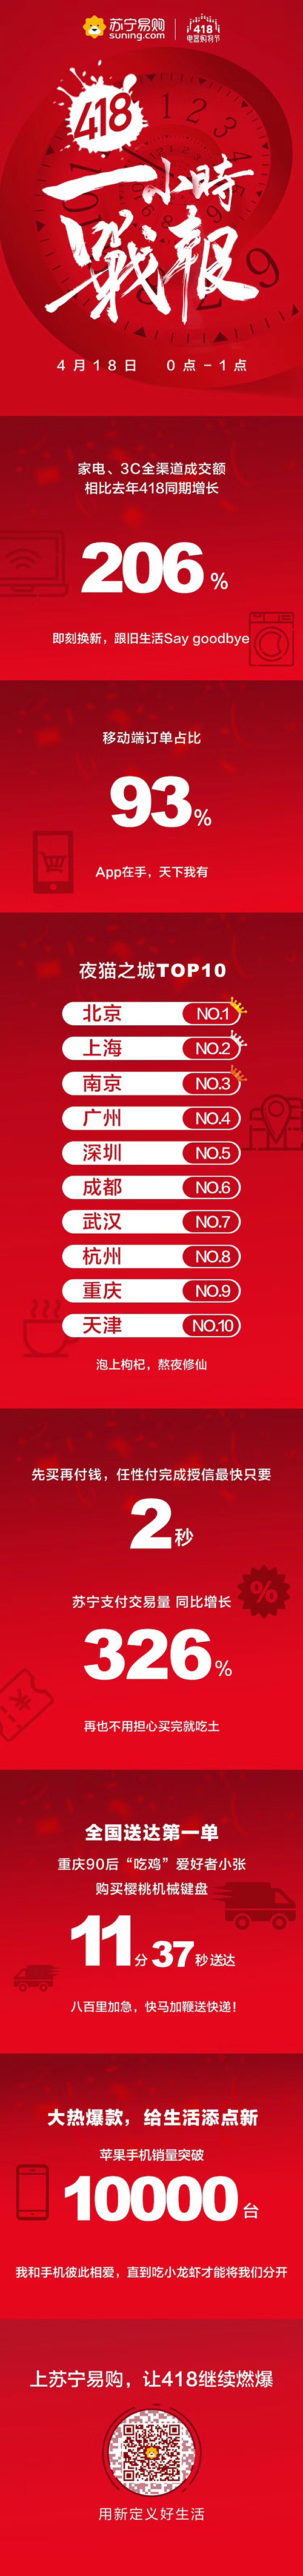 苏宁418一小时战报:苹果手机破10000台